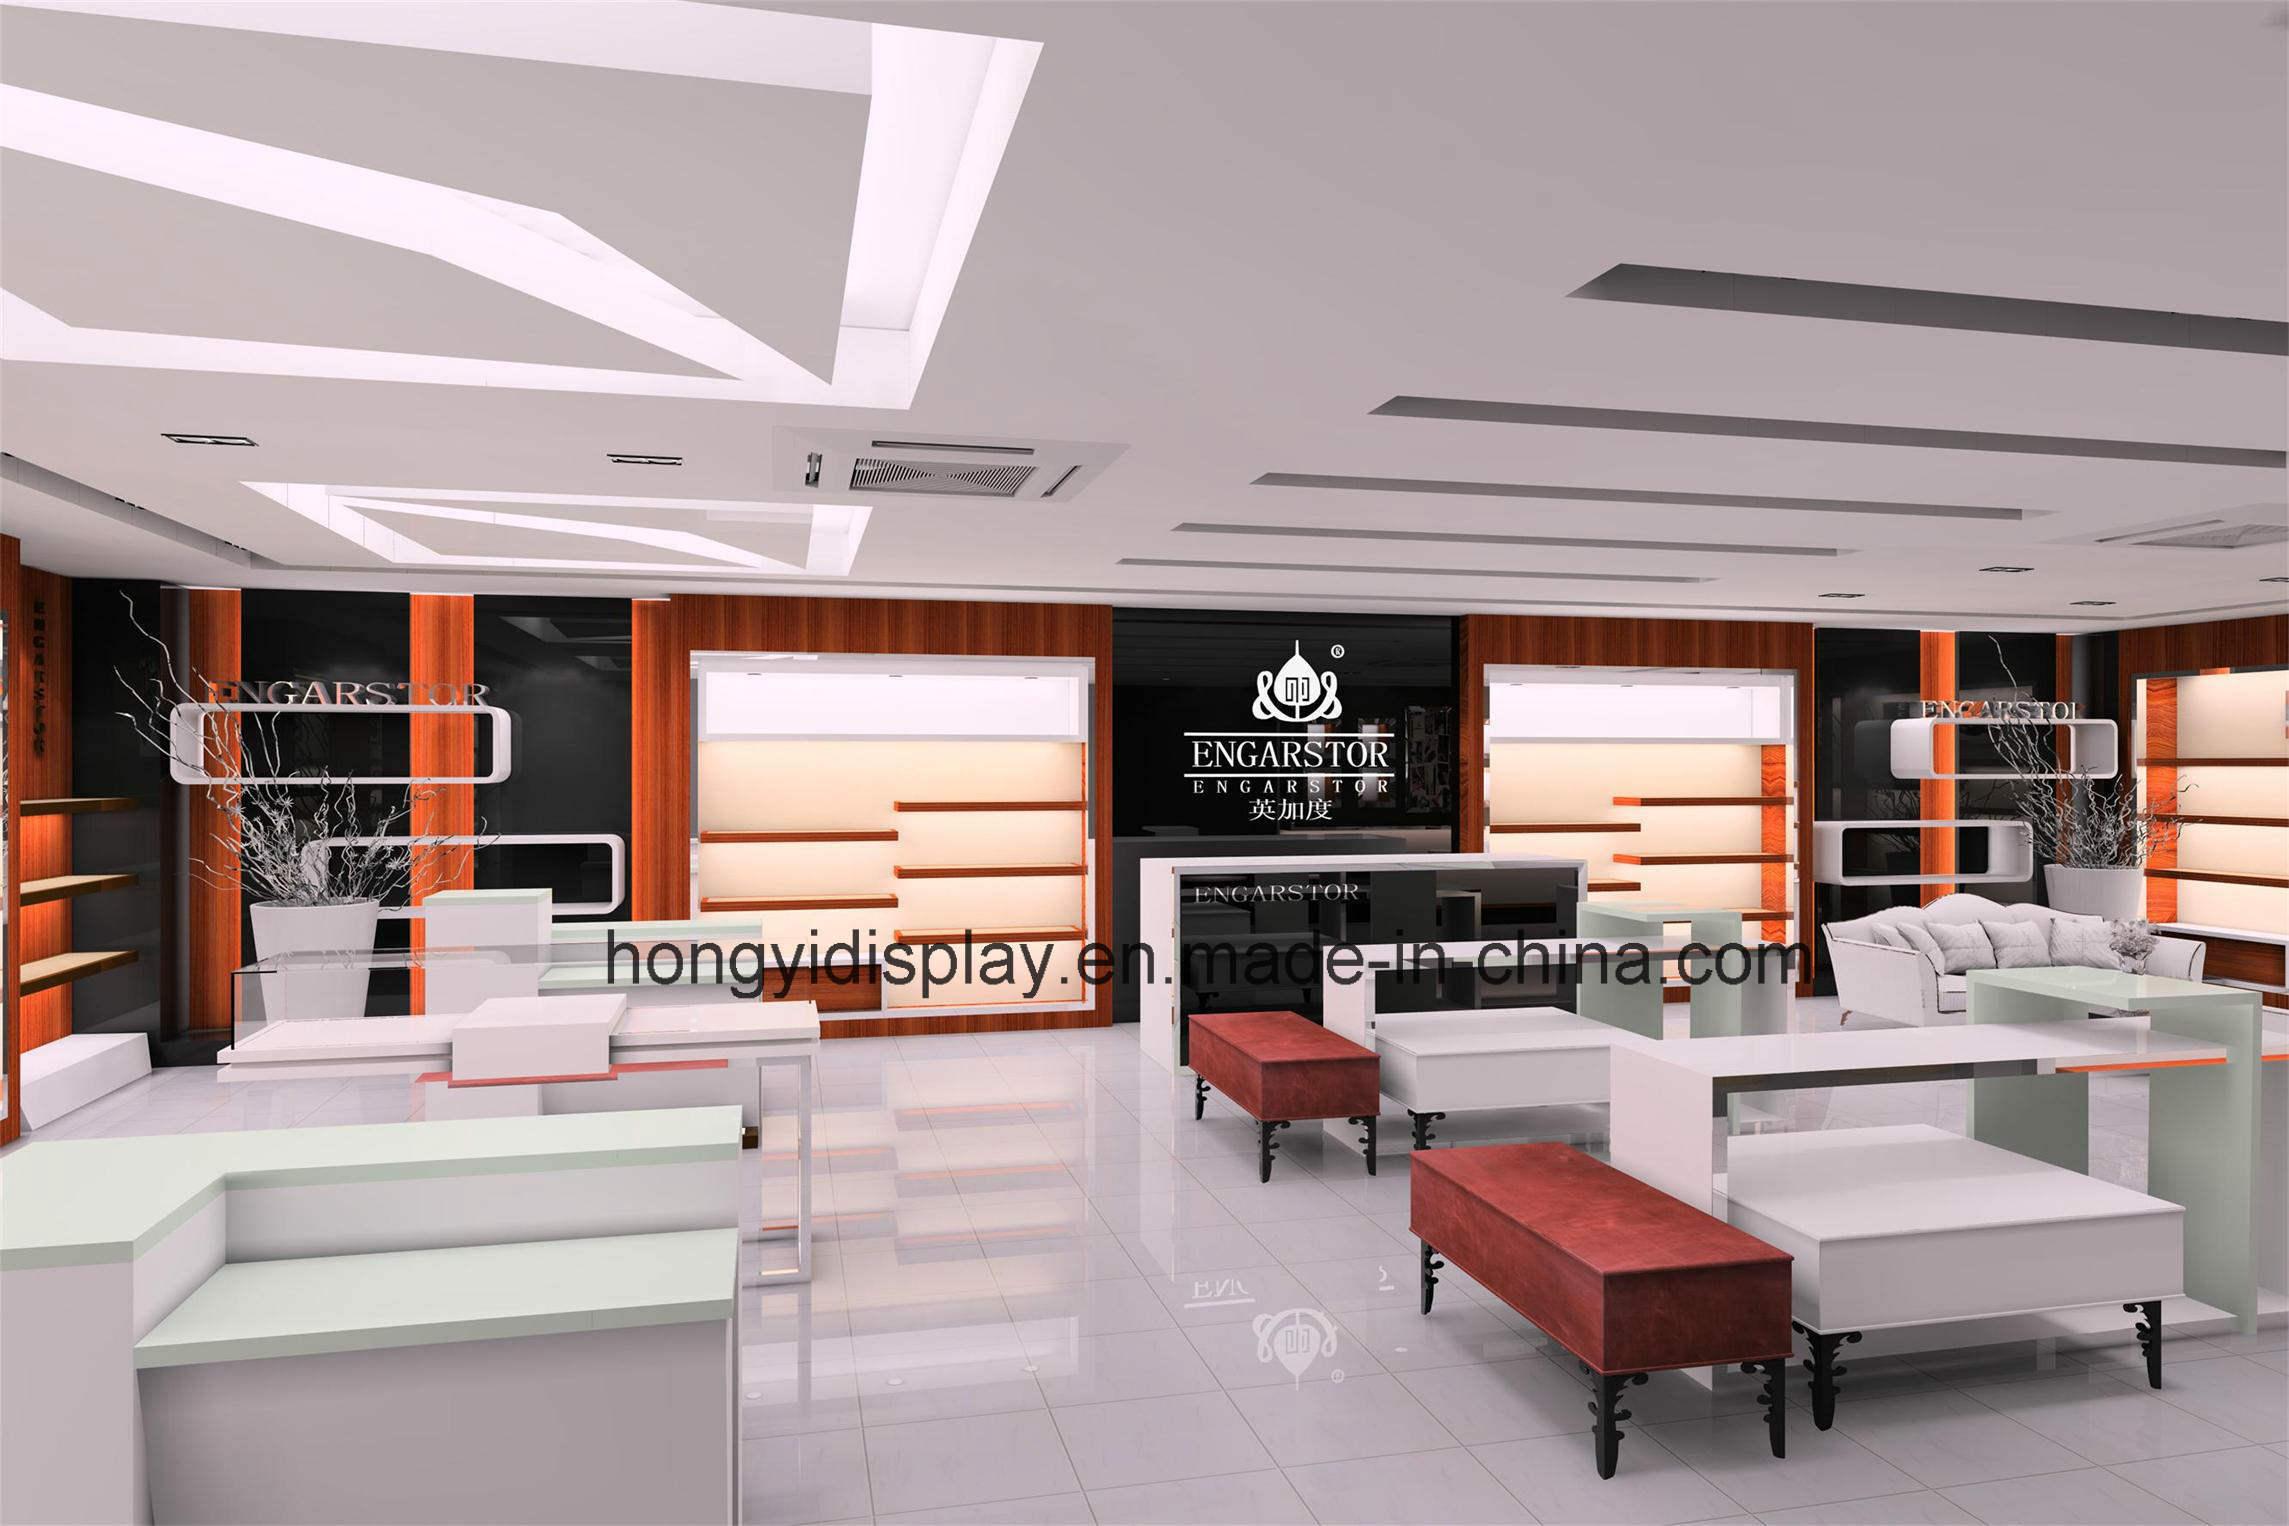 Support d 39 affichage pour les hommes chaussures shopfitting boutique de d coration int rieure - Decoration interieure man of cloth ...